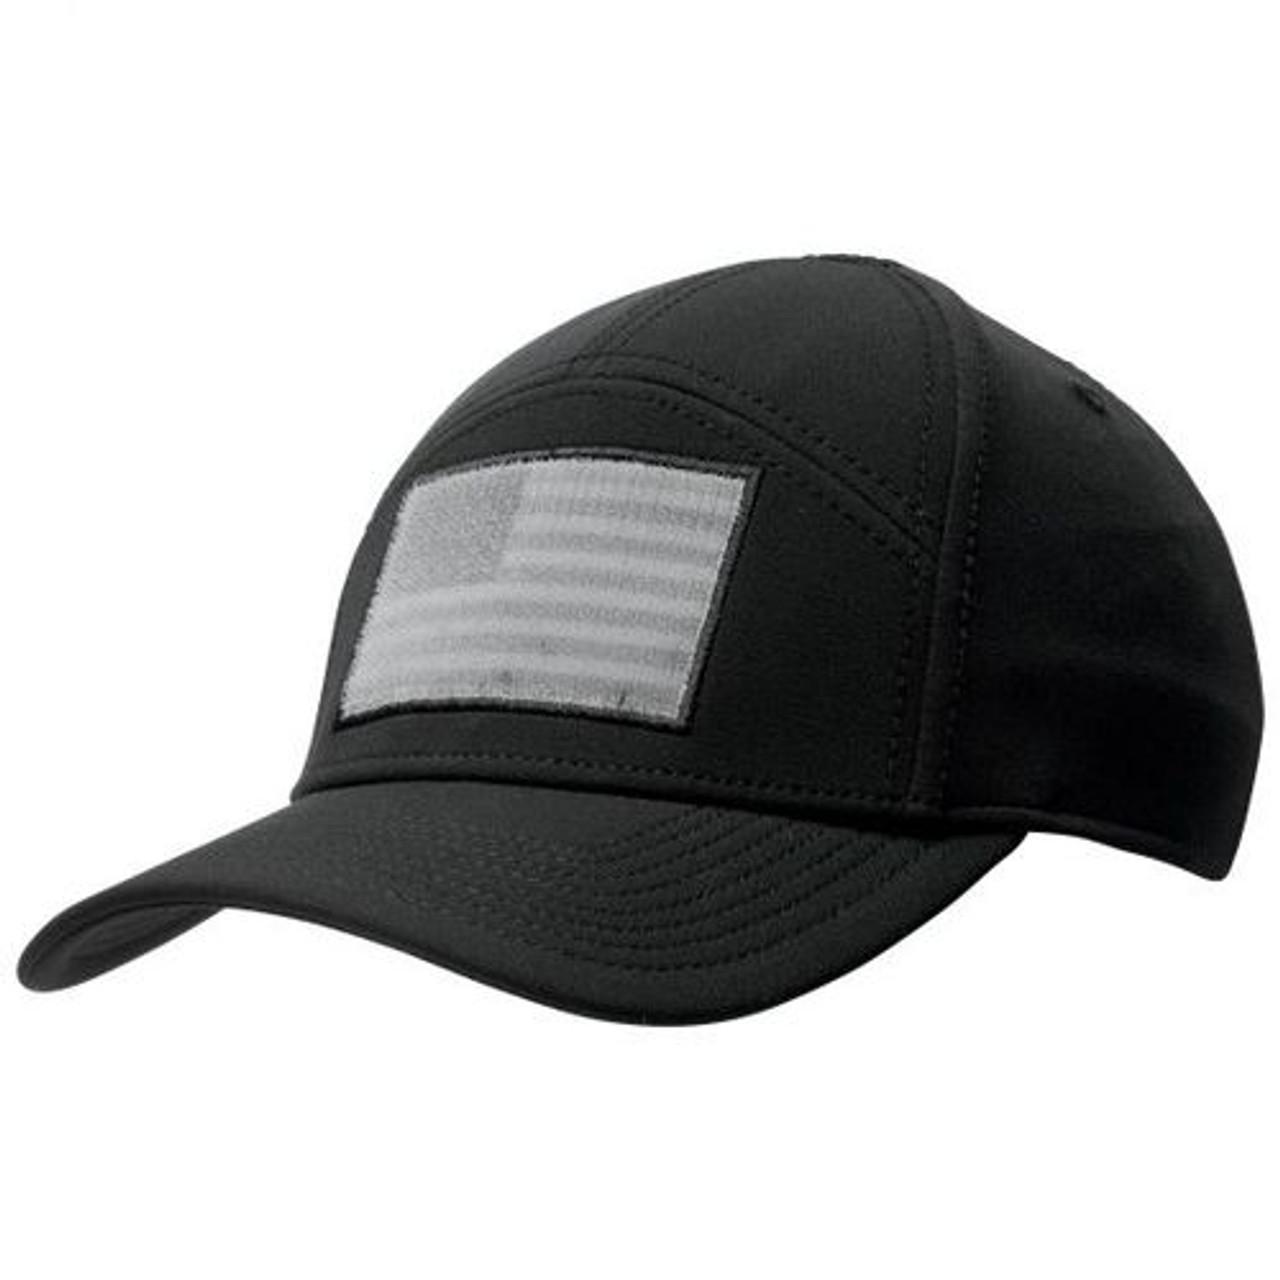 59b9cba3155 5.11 Tactical Operator 2.0 A-Flex Cap